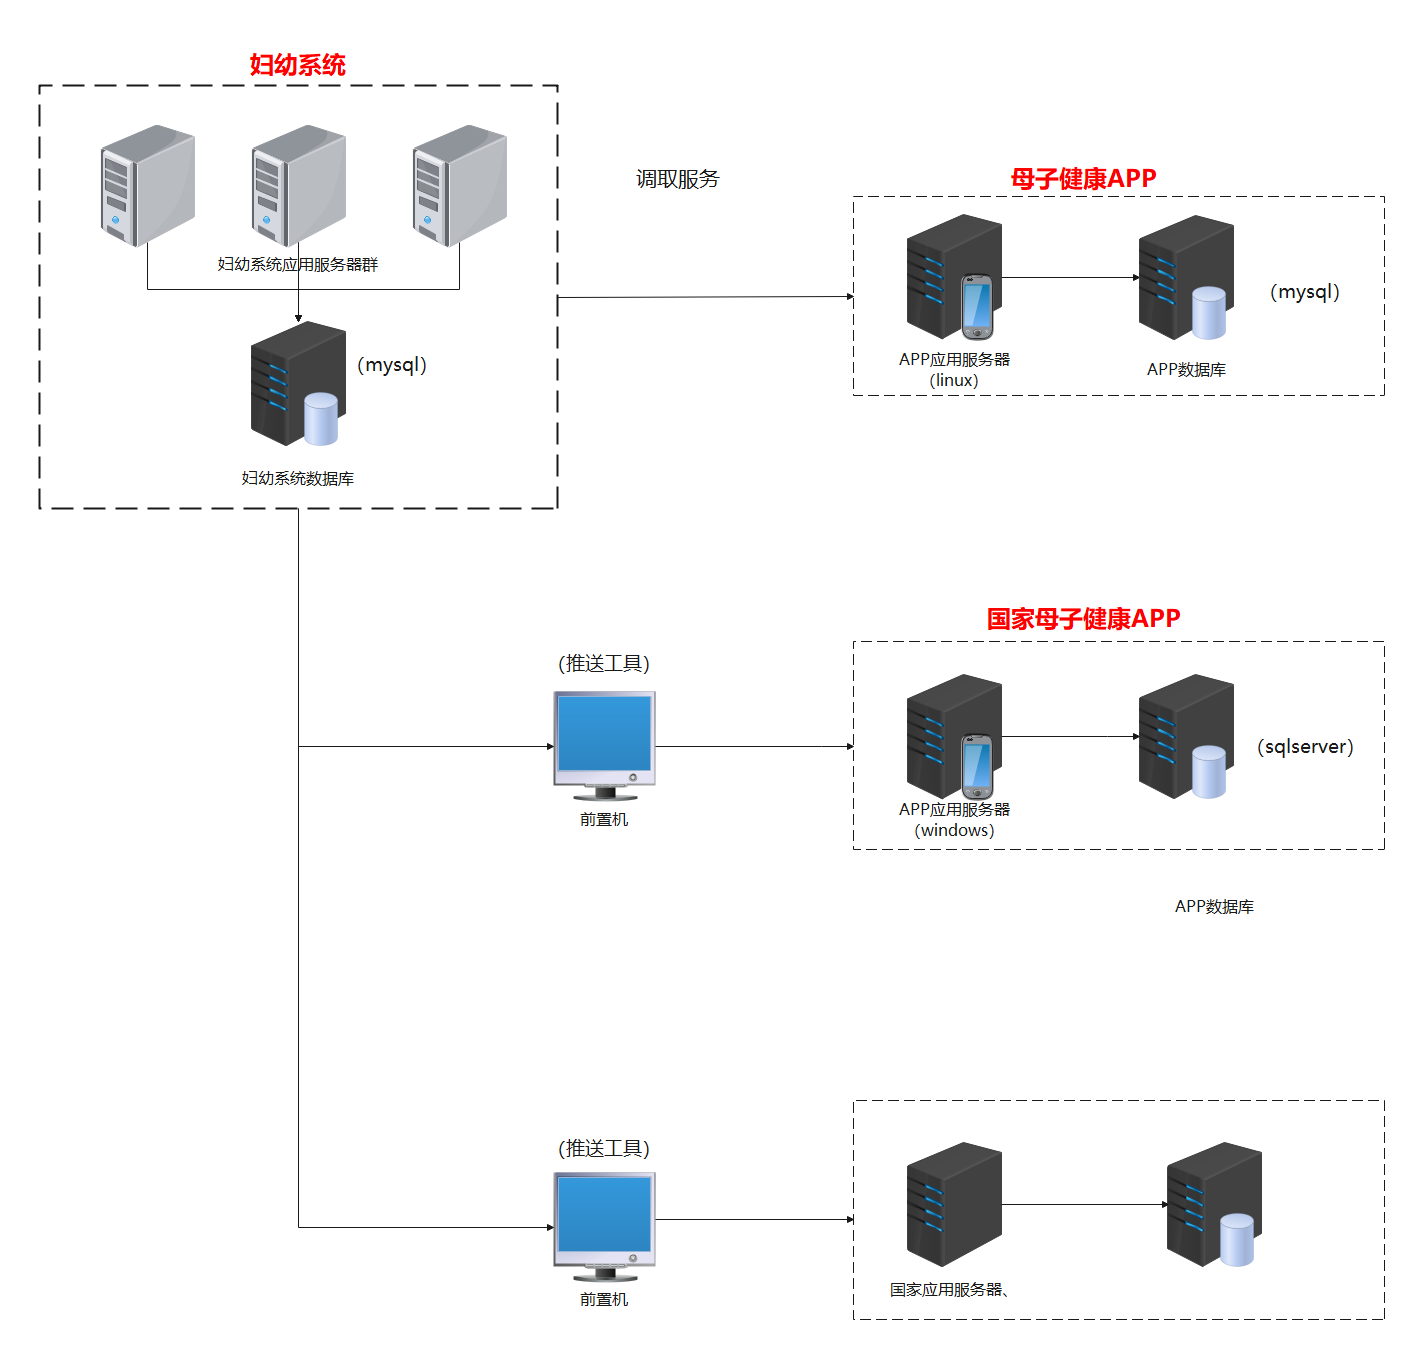 妇幼系统网络图